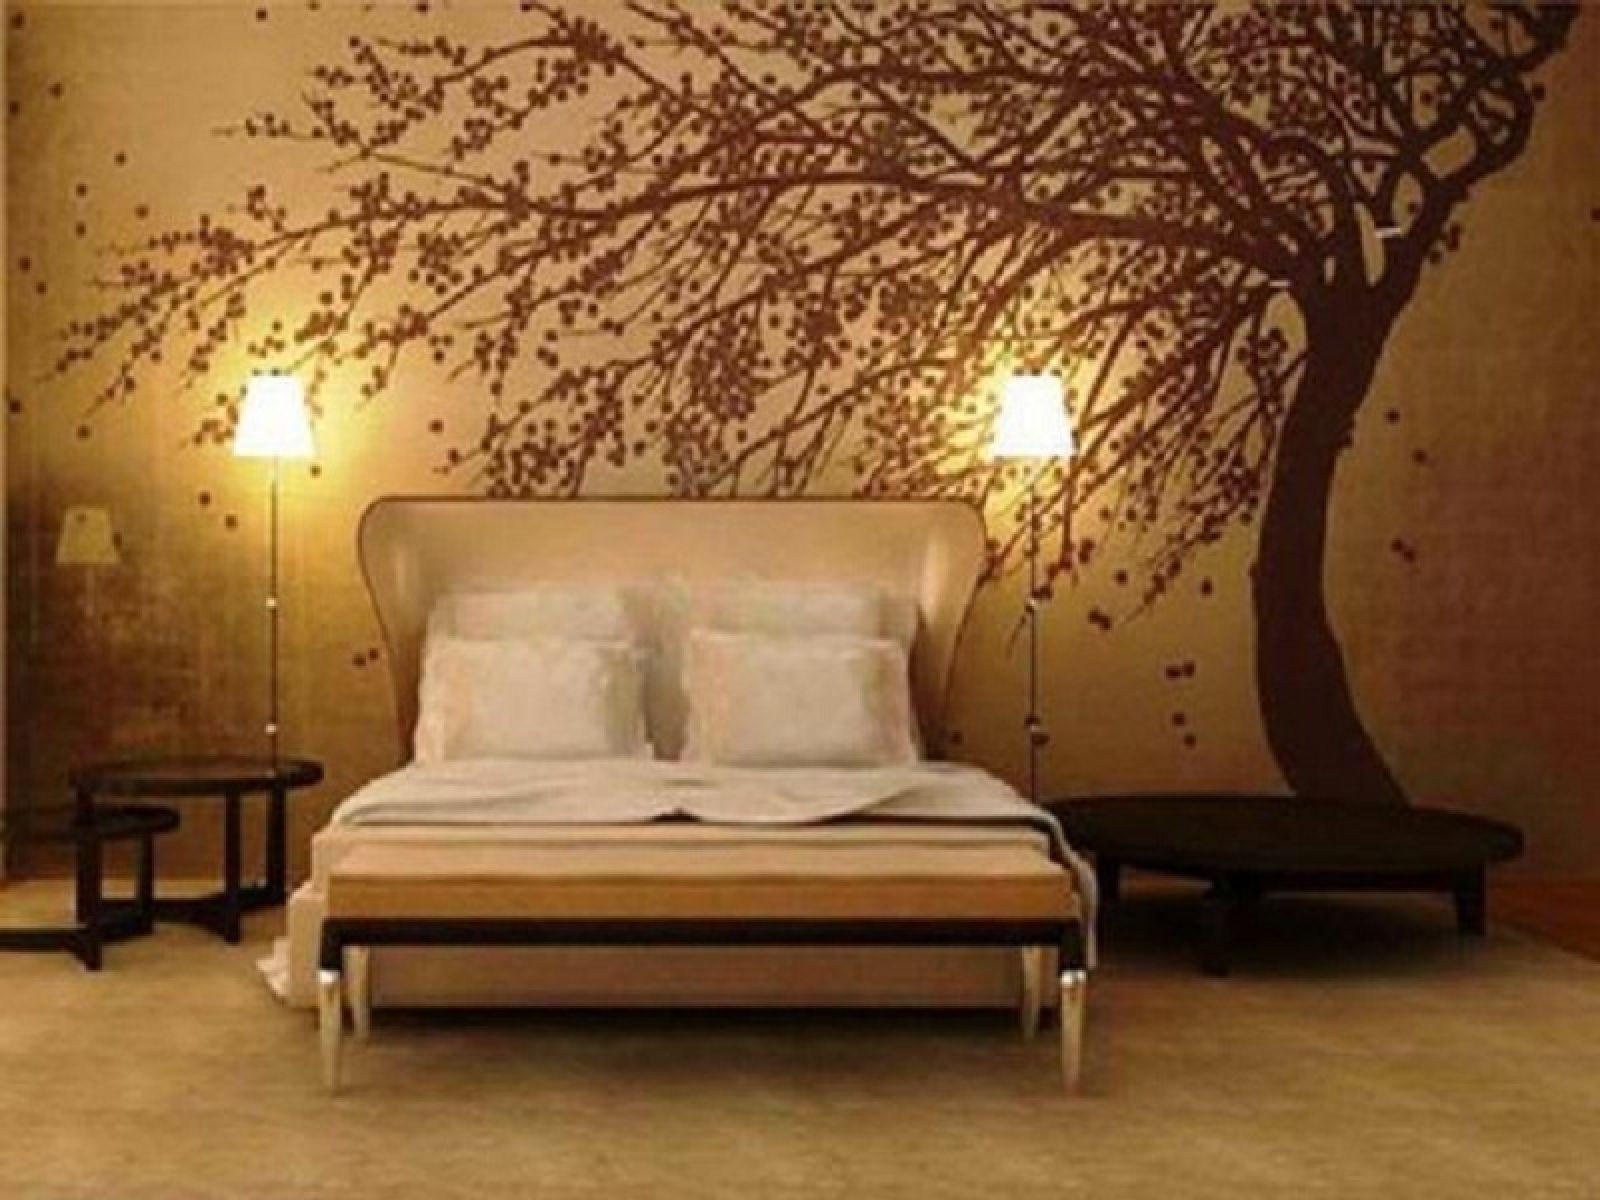 30 Best Wallpaper Designs for Bedrooms UK 2015